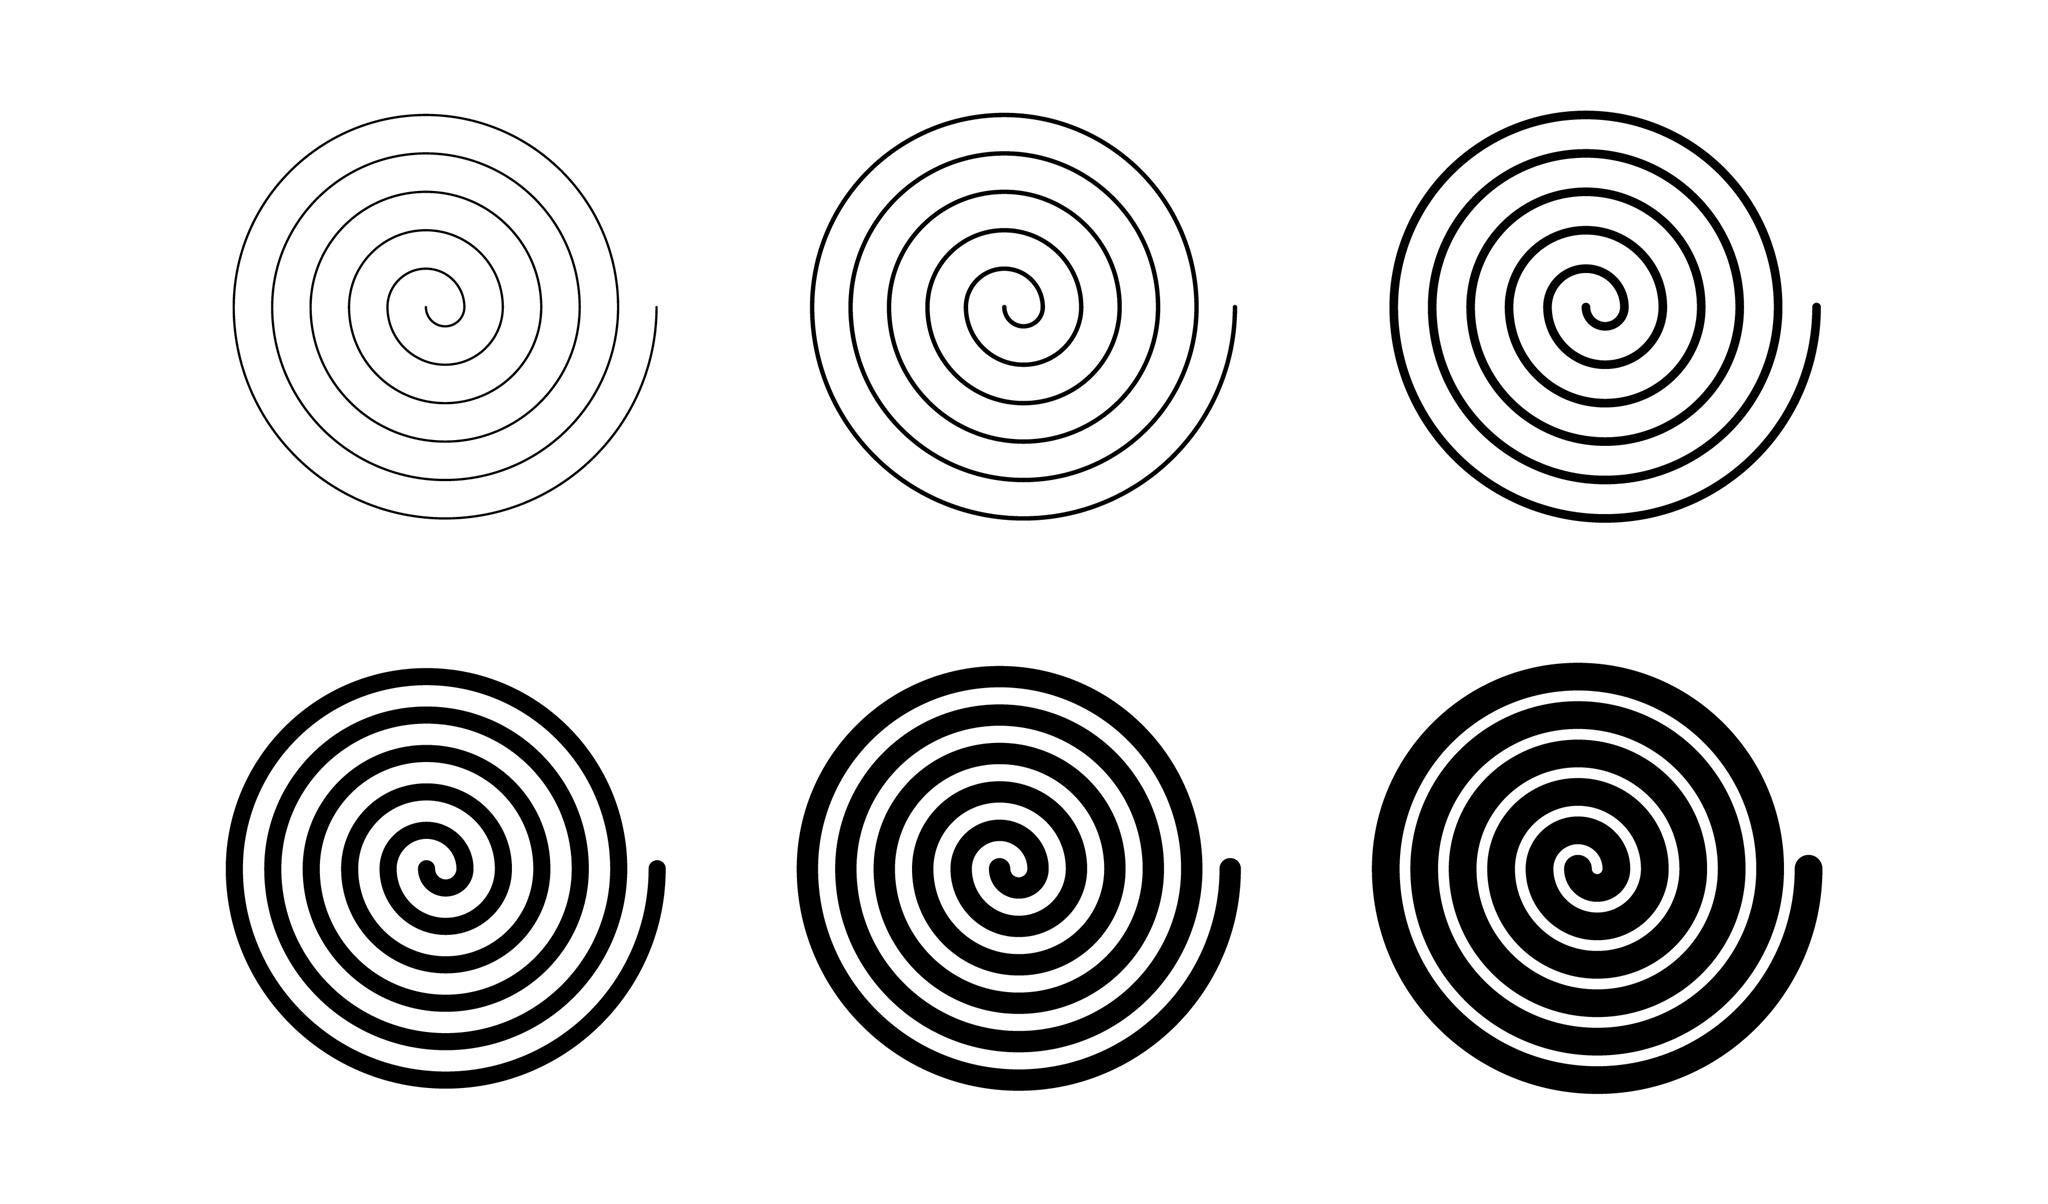 Thin to thick spirals set